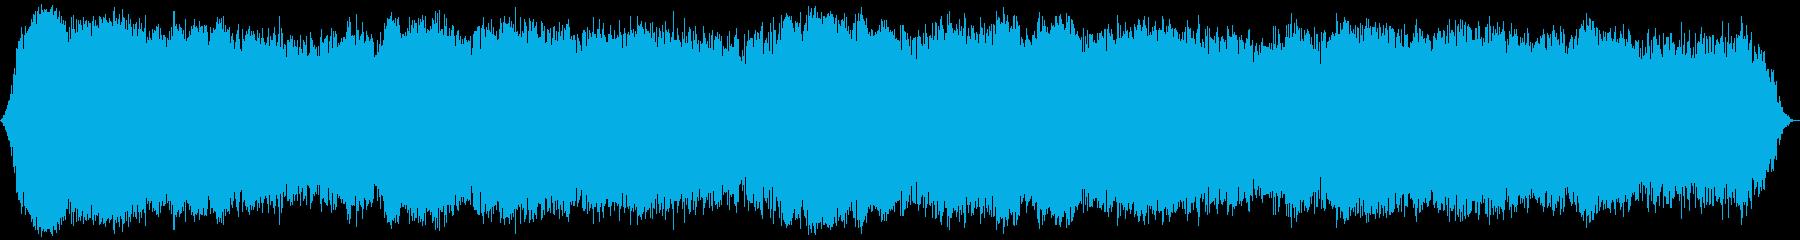 デブリス、ウェザーストームズ&ナチ...の再生済みの波形